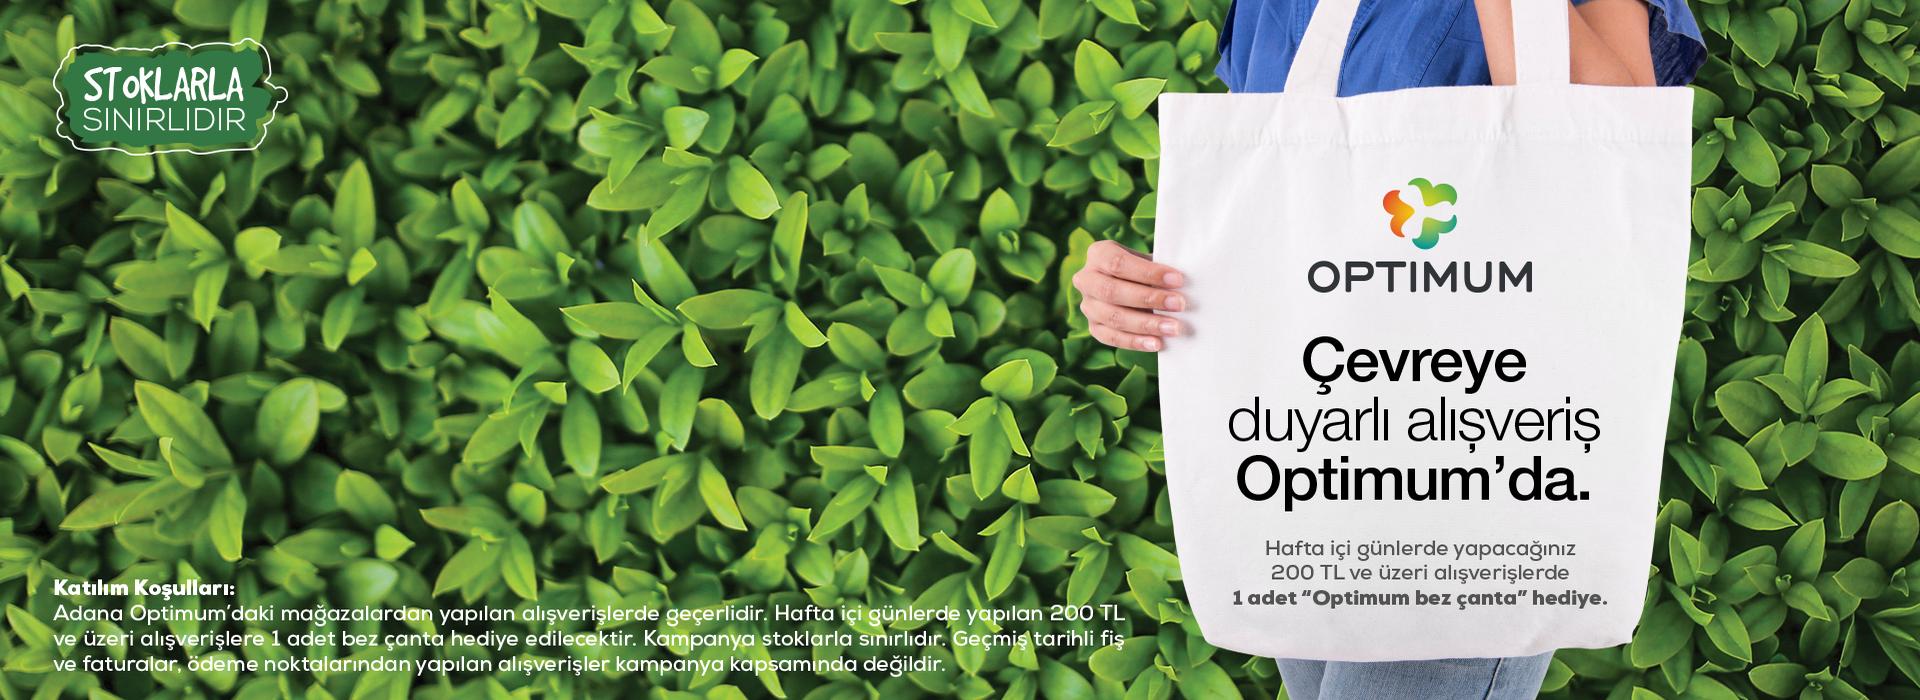 Çevreye Duyarlı Alışveriş Optimum'da